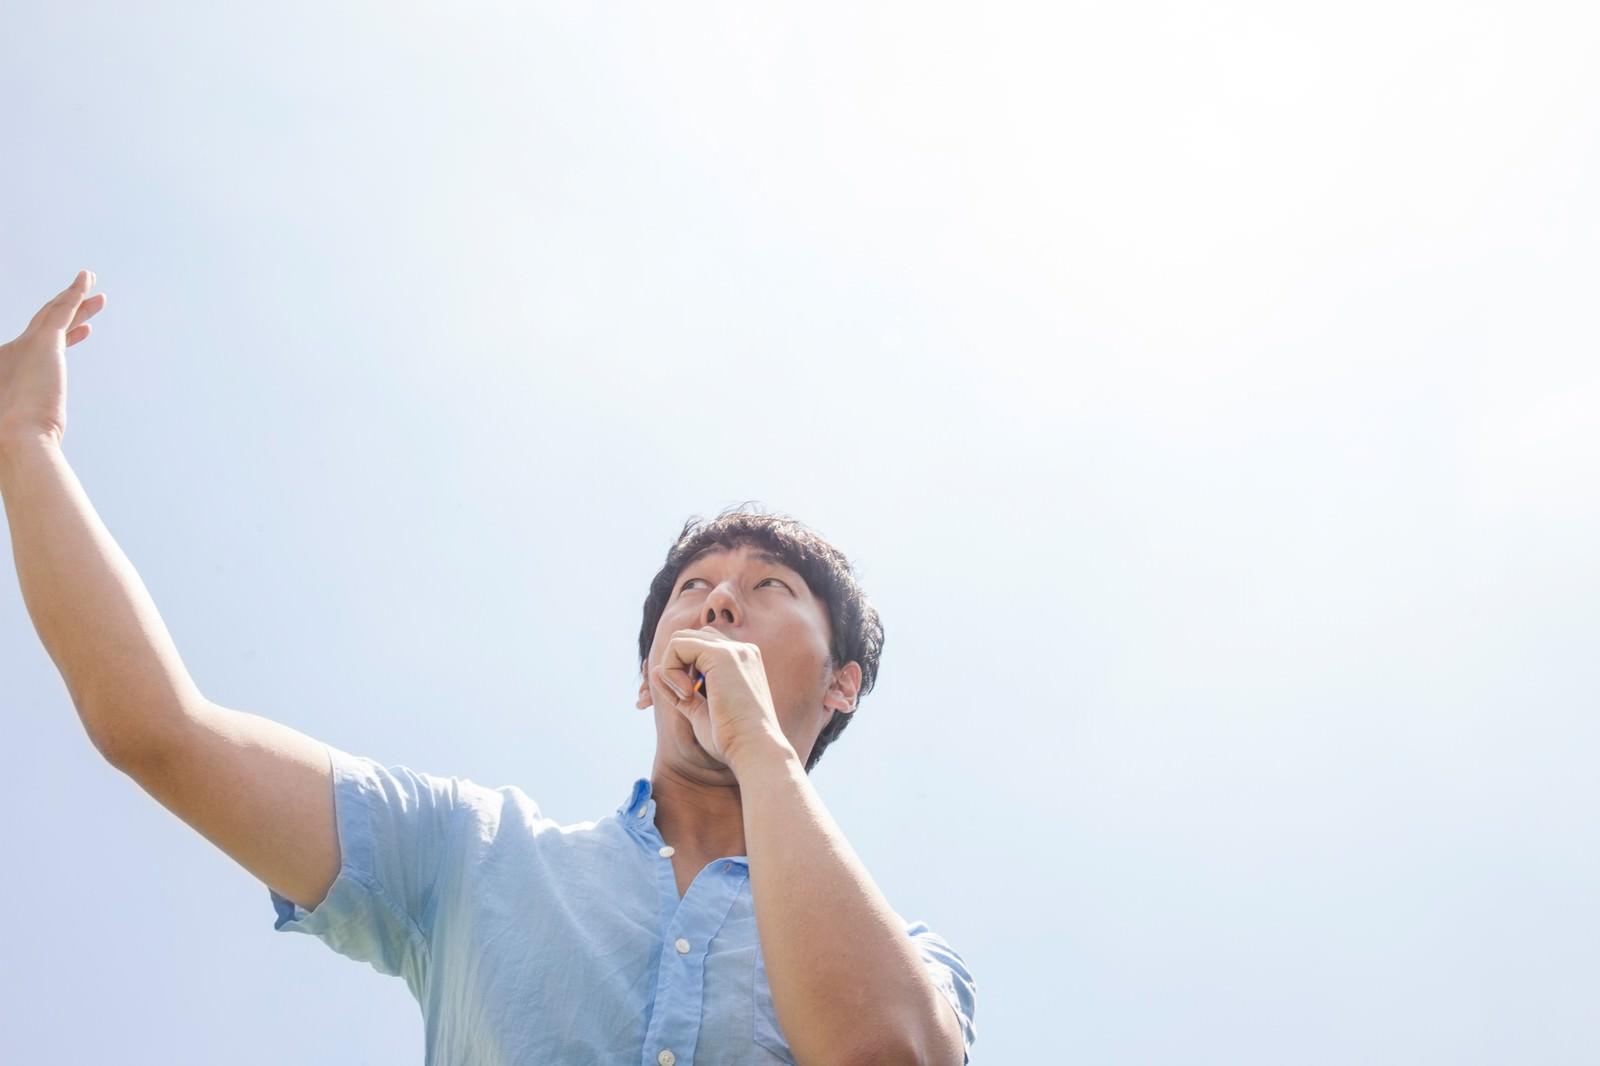 「夏フェスでプチョヘンザップ!夏フェスでプチョヘンザップ!」[モデル:大川竜弥]のフリー写真素材を拡大